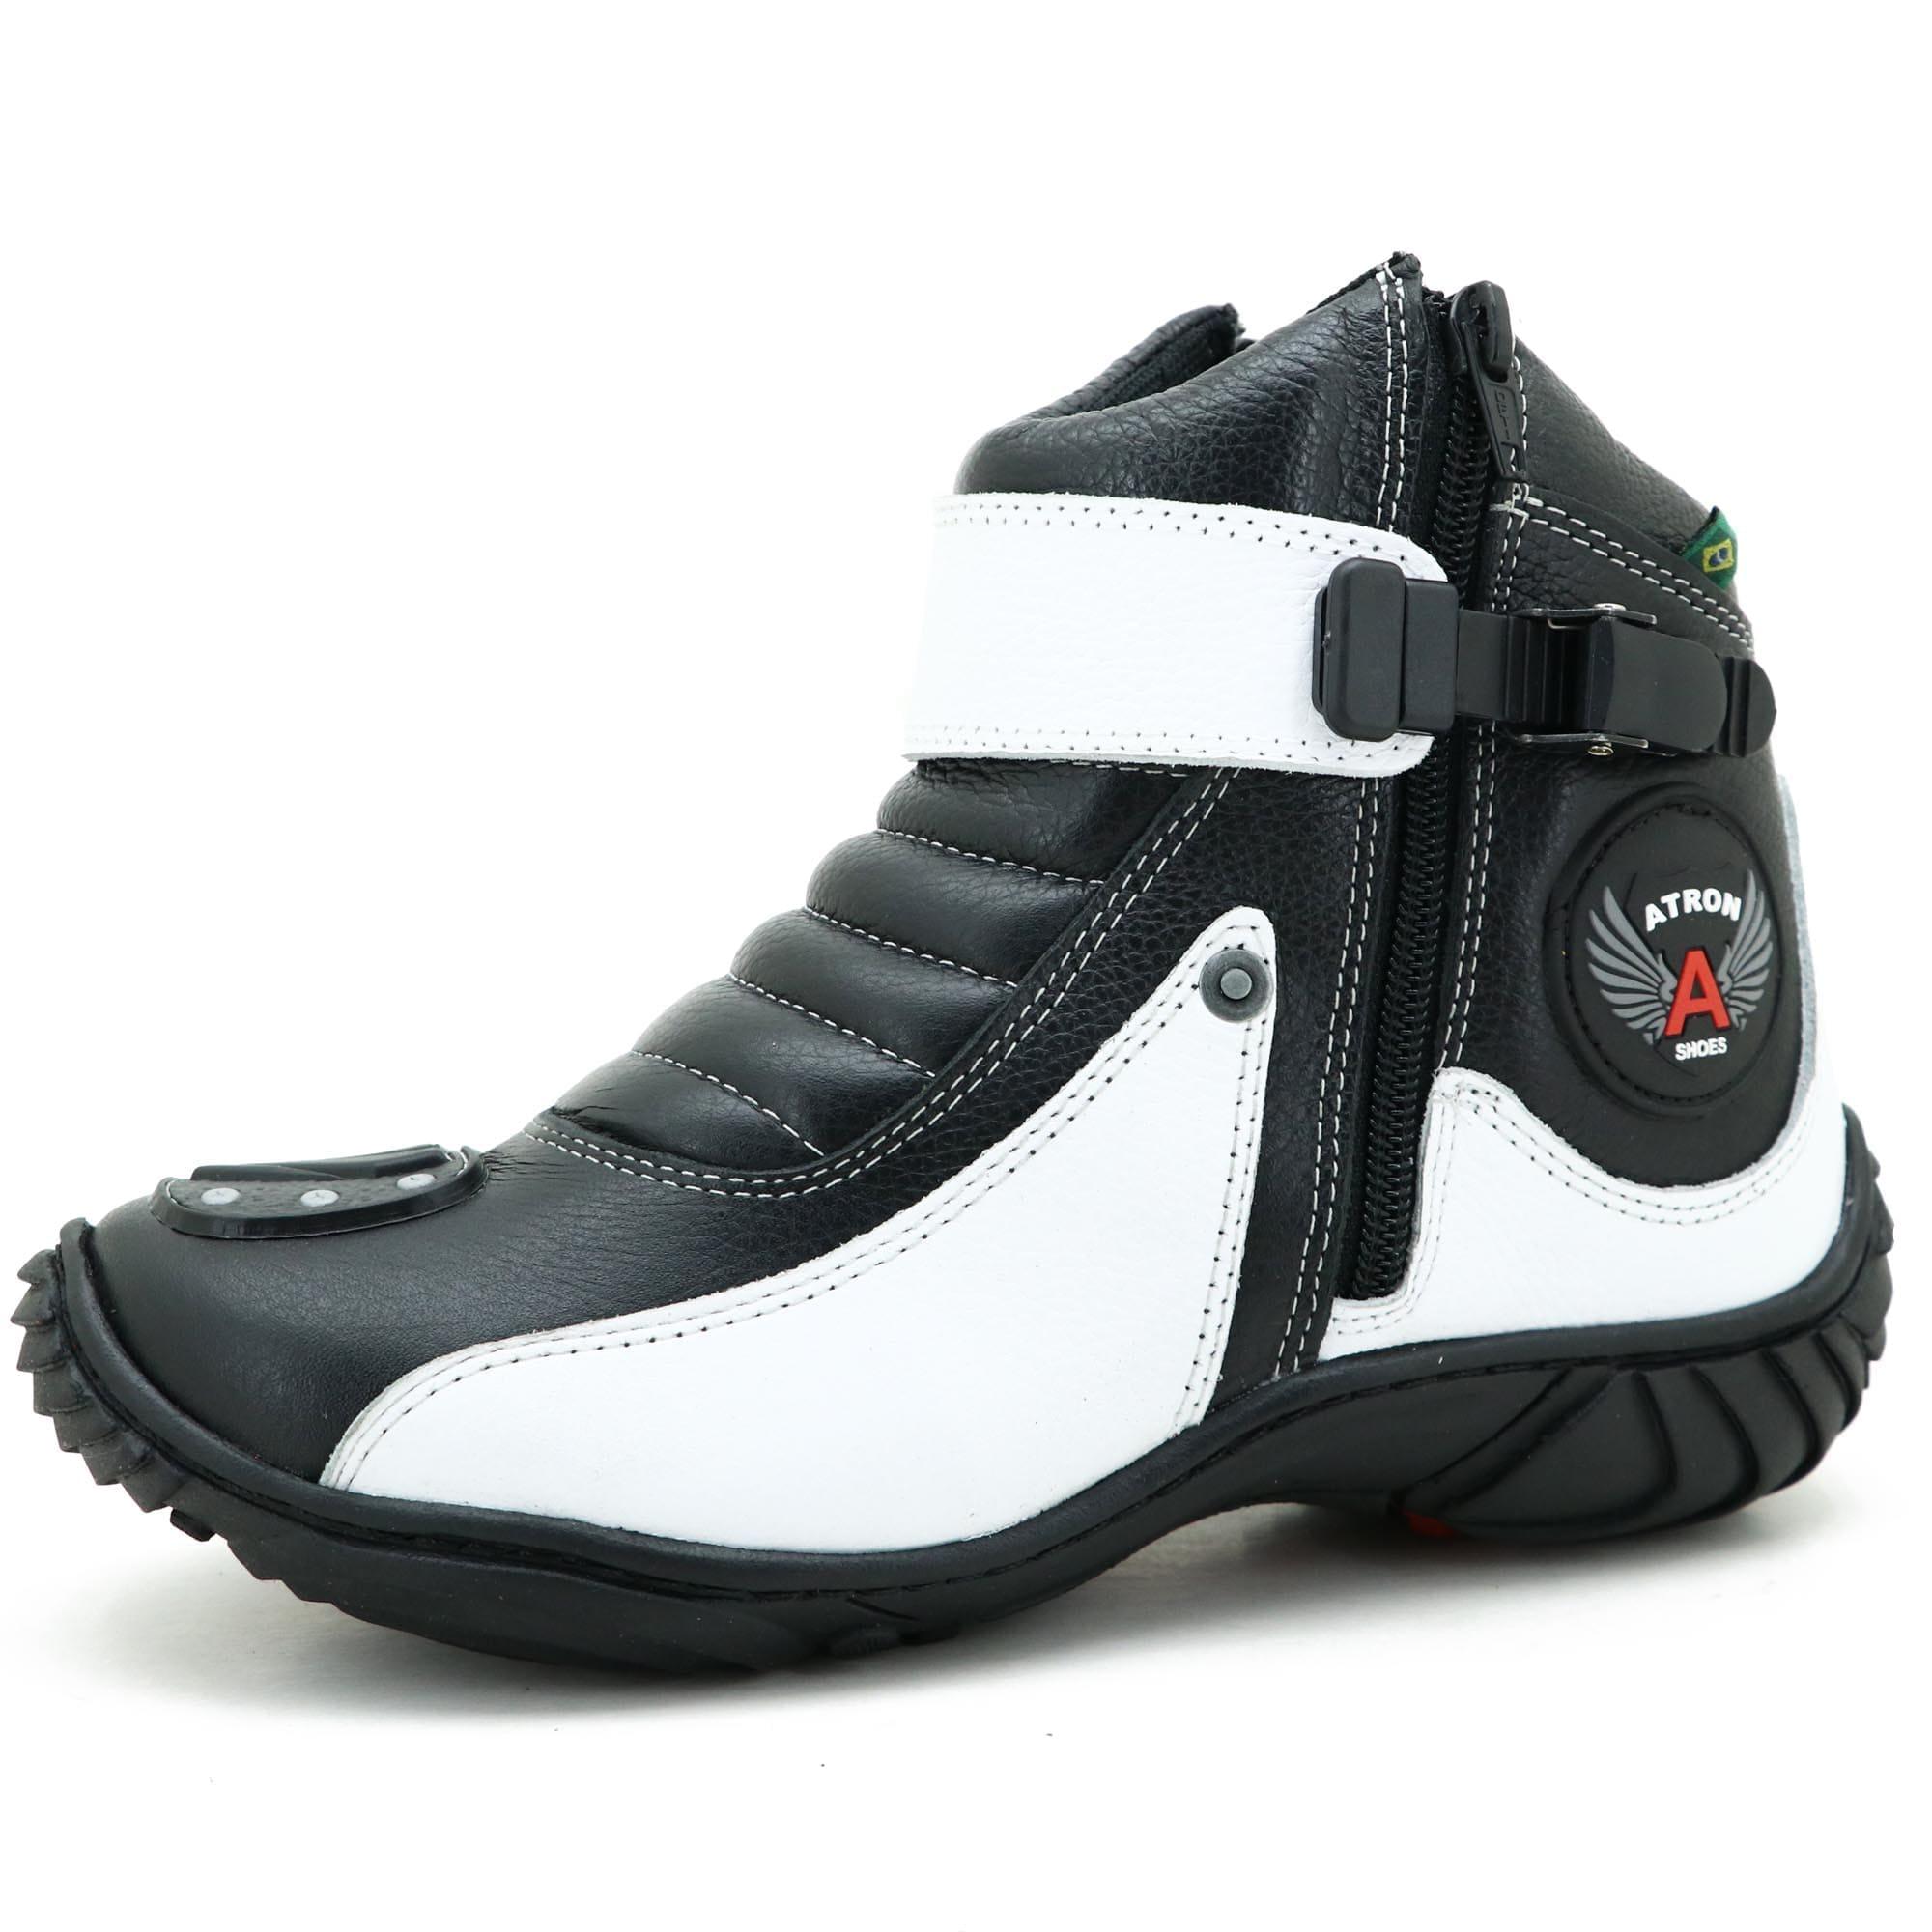 Coturno bota motociclista em couro legítimo preto e branco unissex 271 com chinelo Atron estampado - GRATIS UMA CARTEIRA